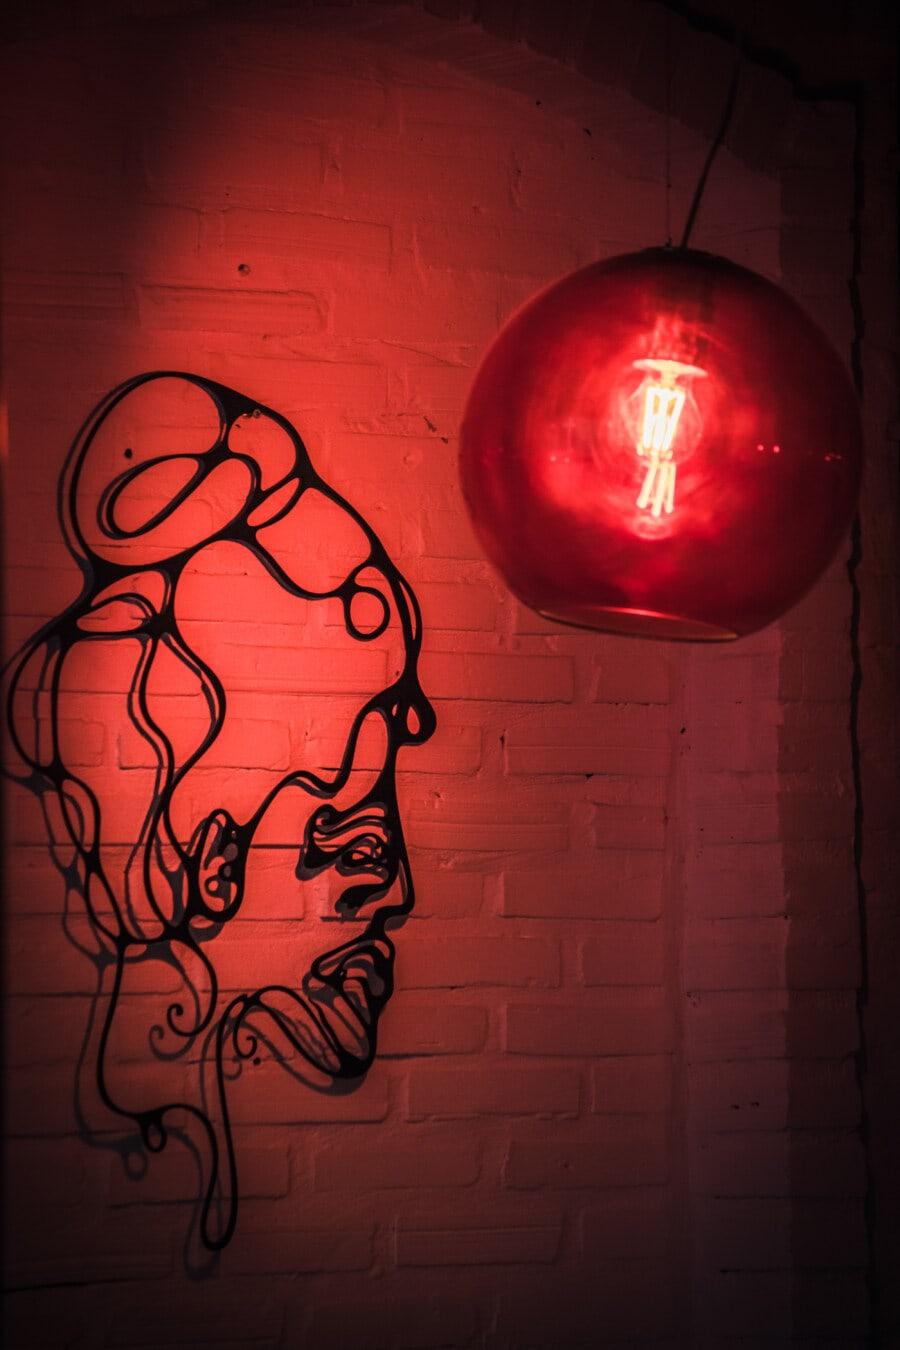 mur, design d'intérieur, décoration d'intérieur, fer de fonte, sculpture, lustre, artistique, lampe, ampoule, retro